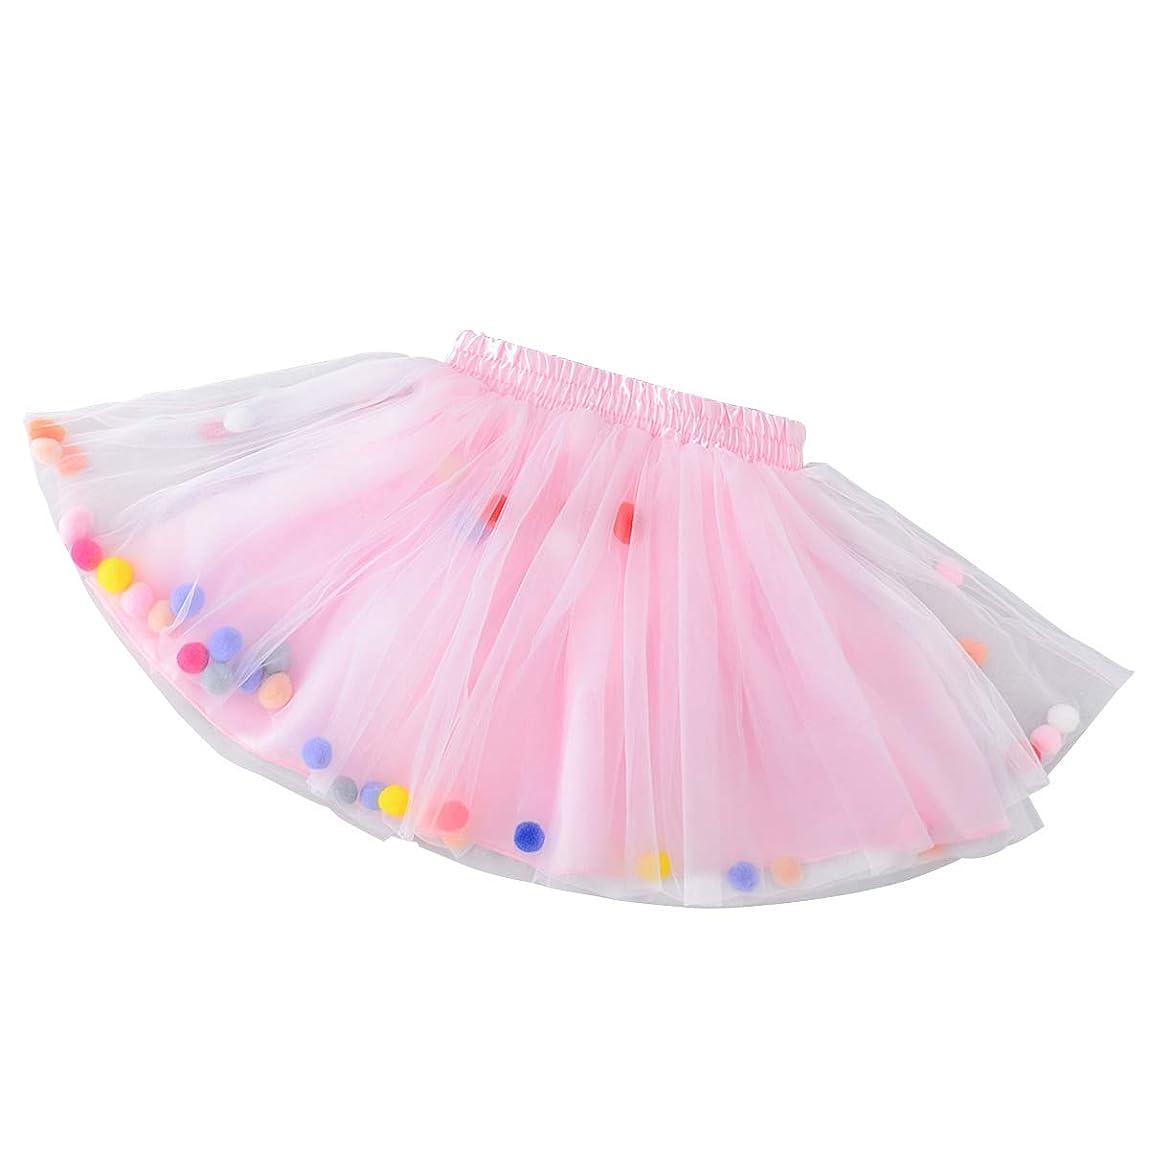 どこにでも圧力認識YeahiBaby 子供チュチュスカートラブリーピンクミディスカートカラフルなファジーボールガーゼスカートプリンセスドレス衣装用女の子(サイズl)